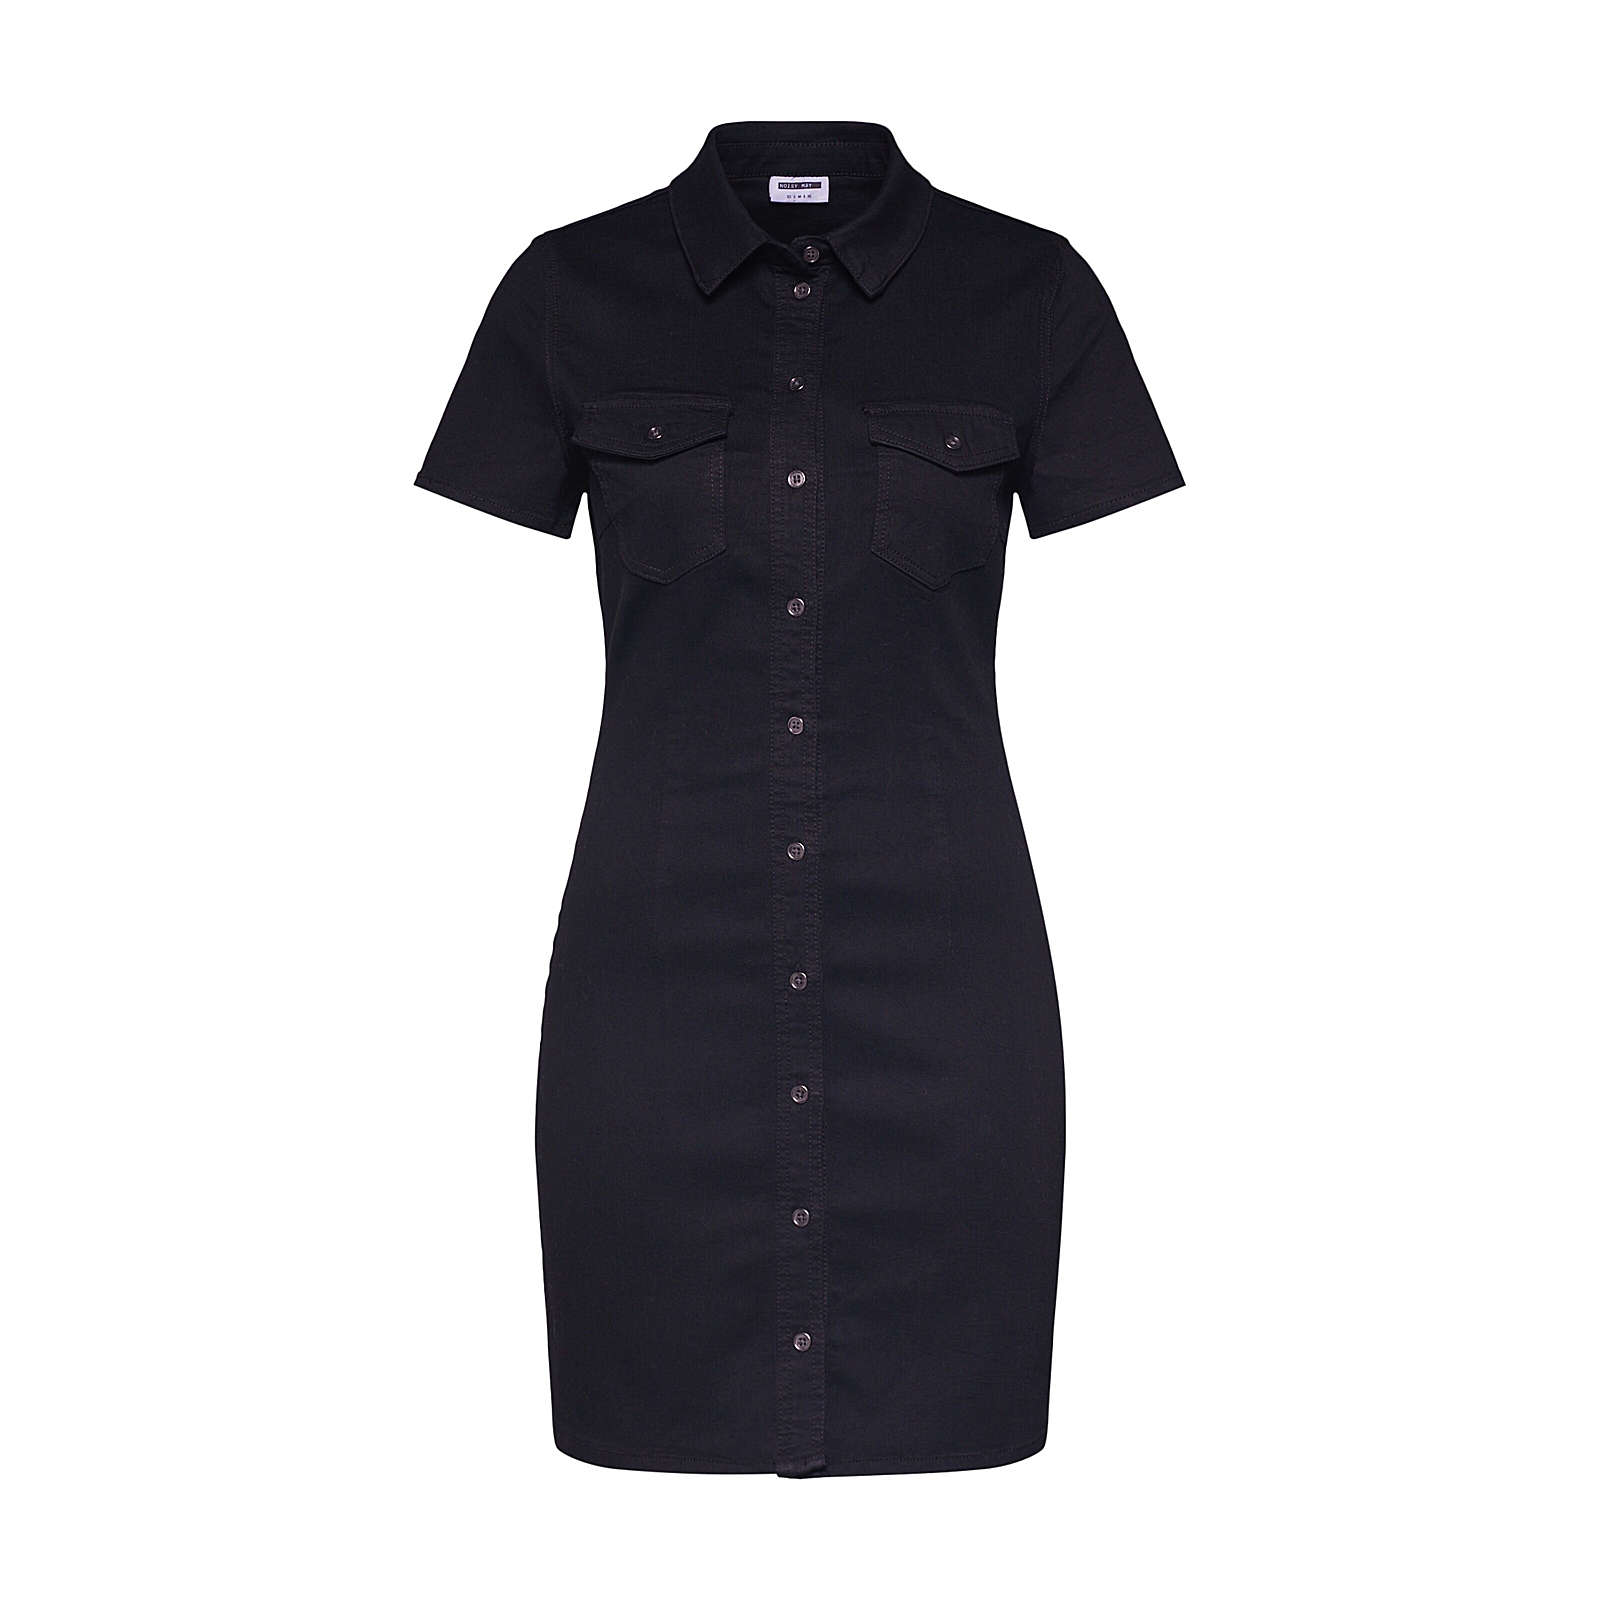 Noisy may Kleid JOY Jeanskleider black denim Damen Gr. 40